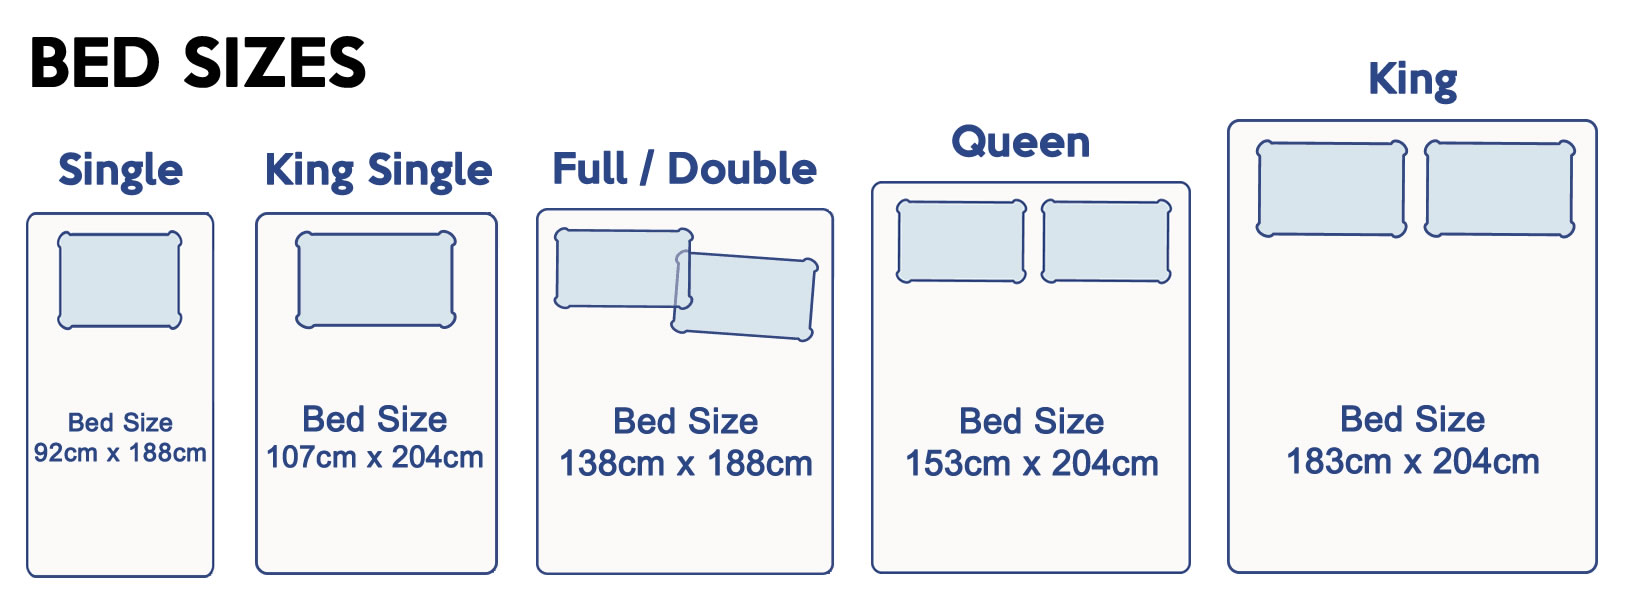 buy bed linen online new zealand